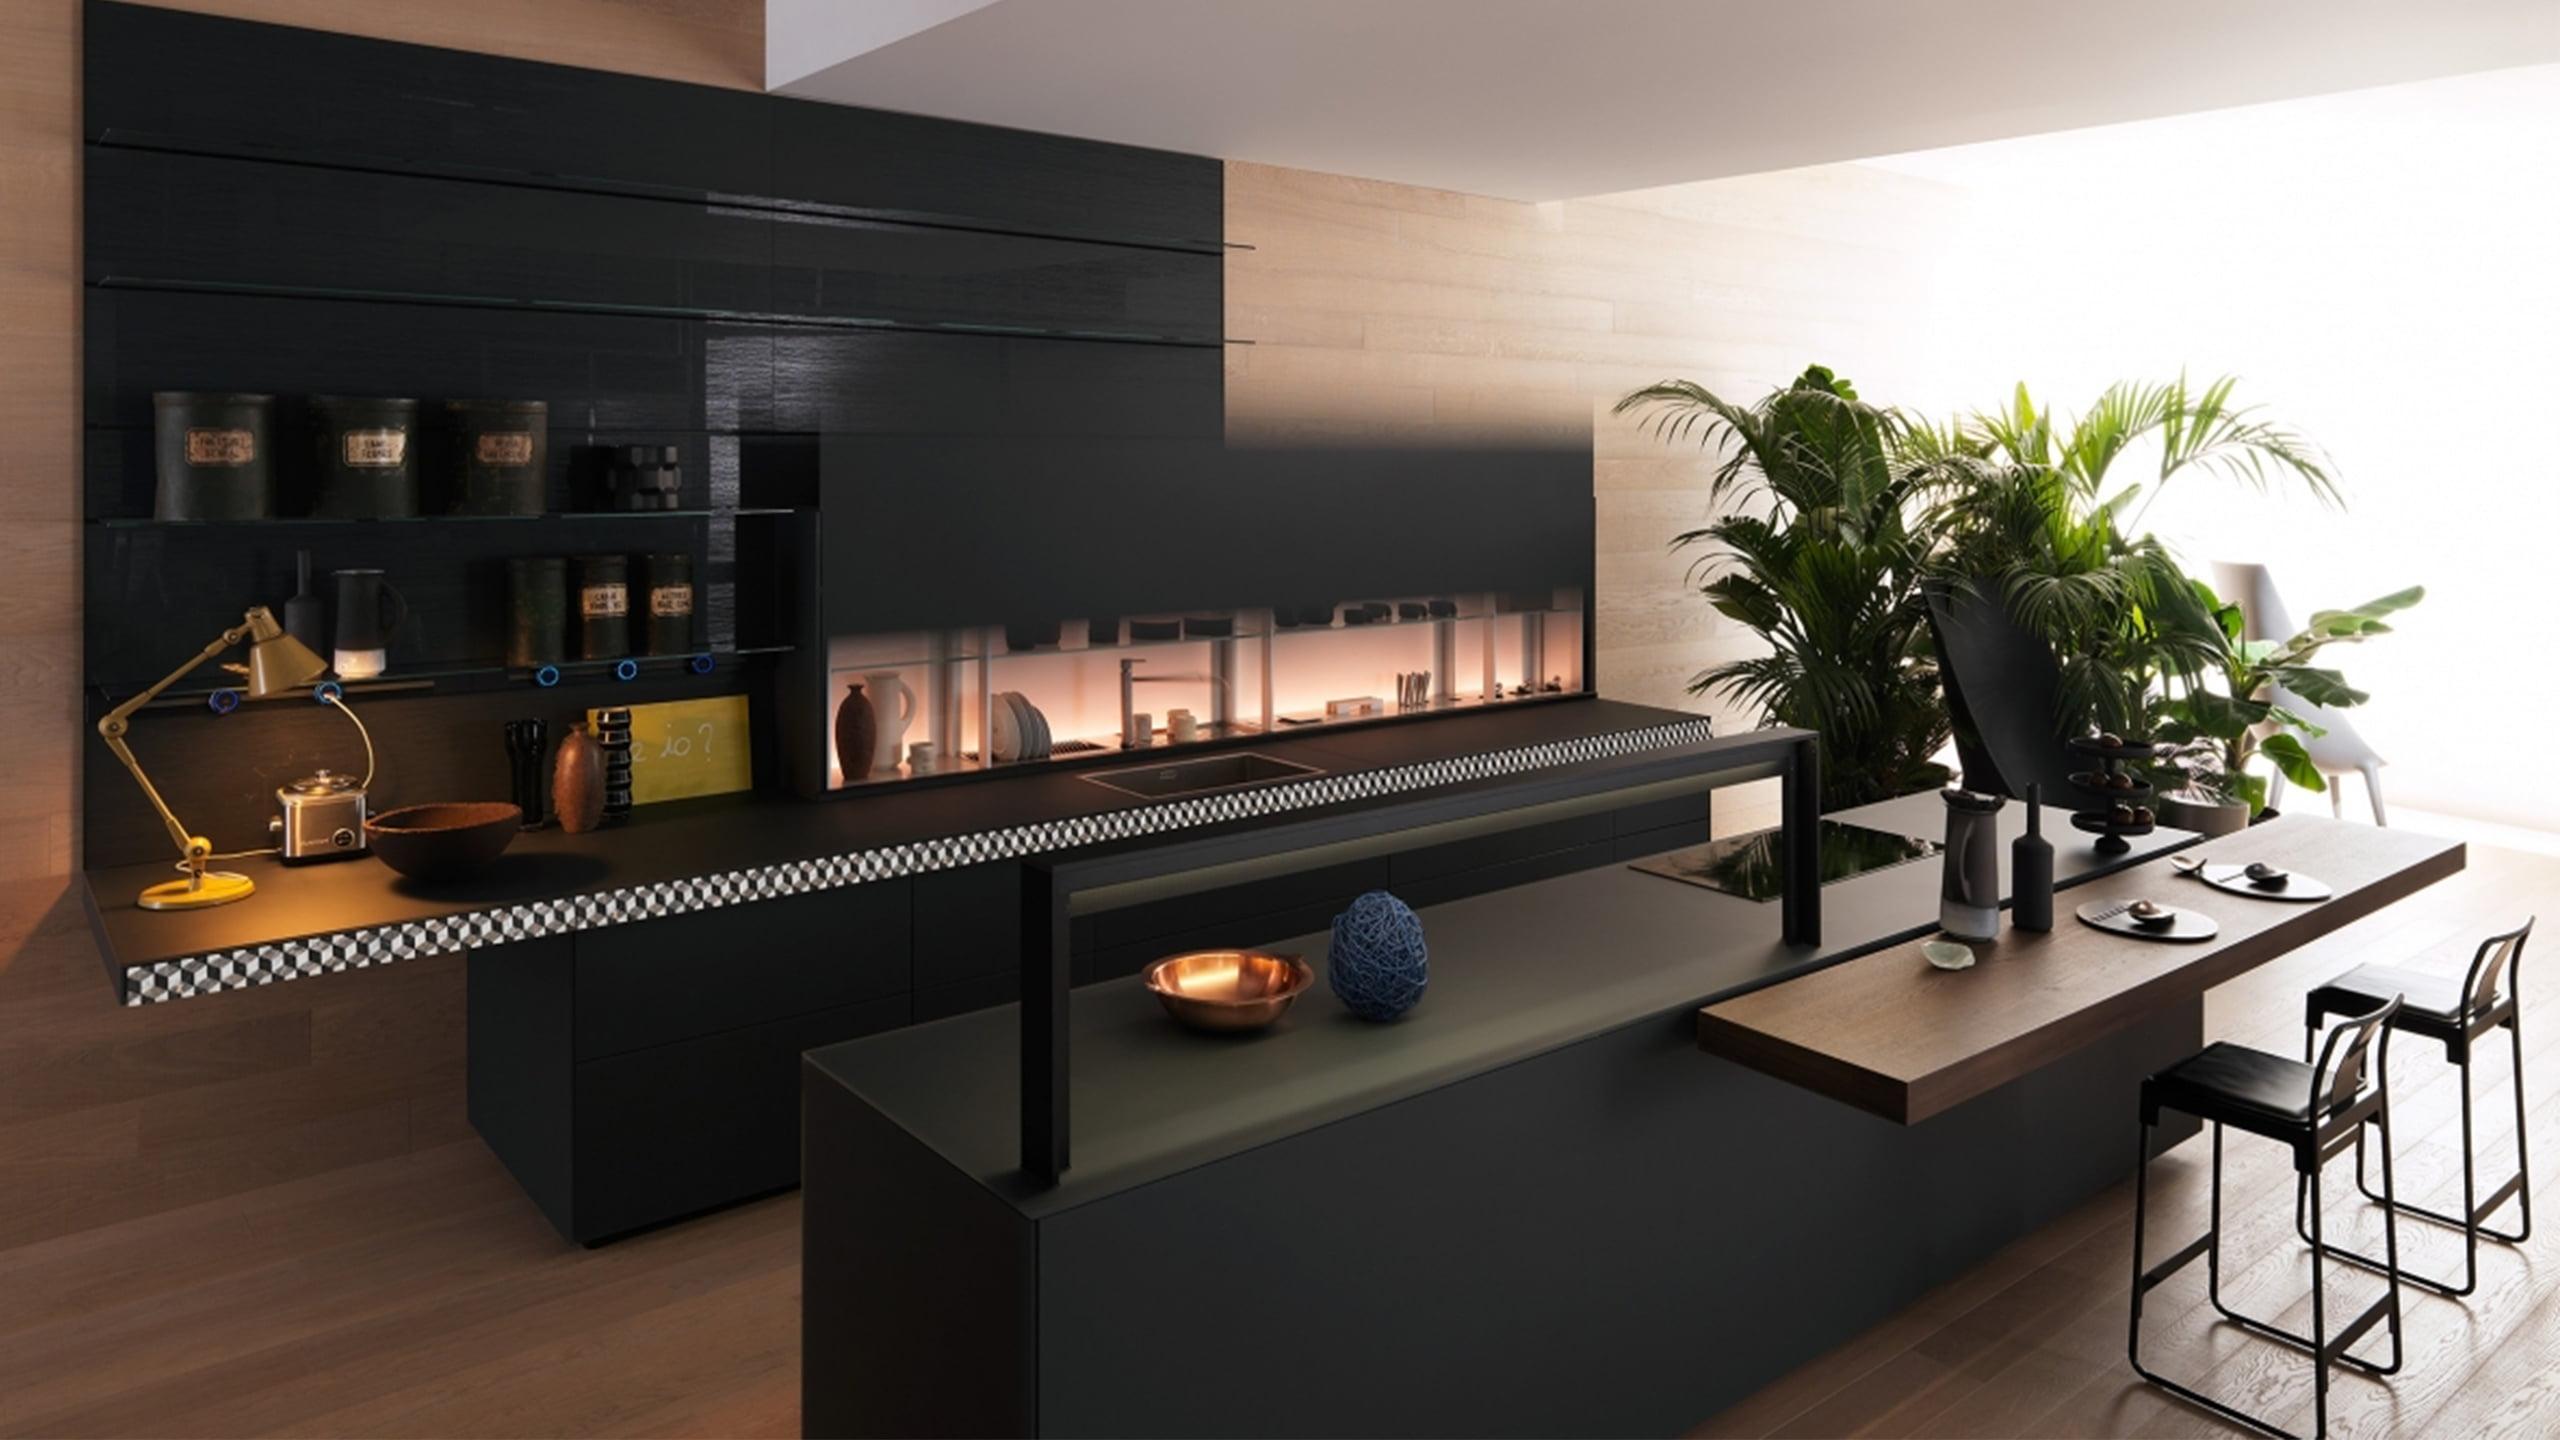 valcucine küche genius loci in schwarz mit lichtelementen und kücheninsel mit tresen und barhocker grifflos